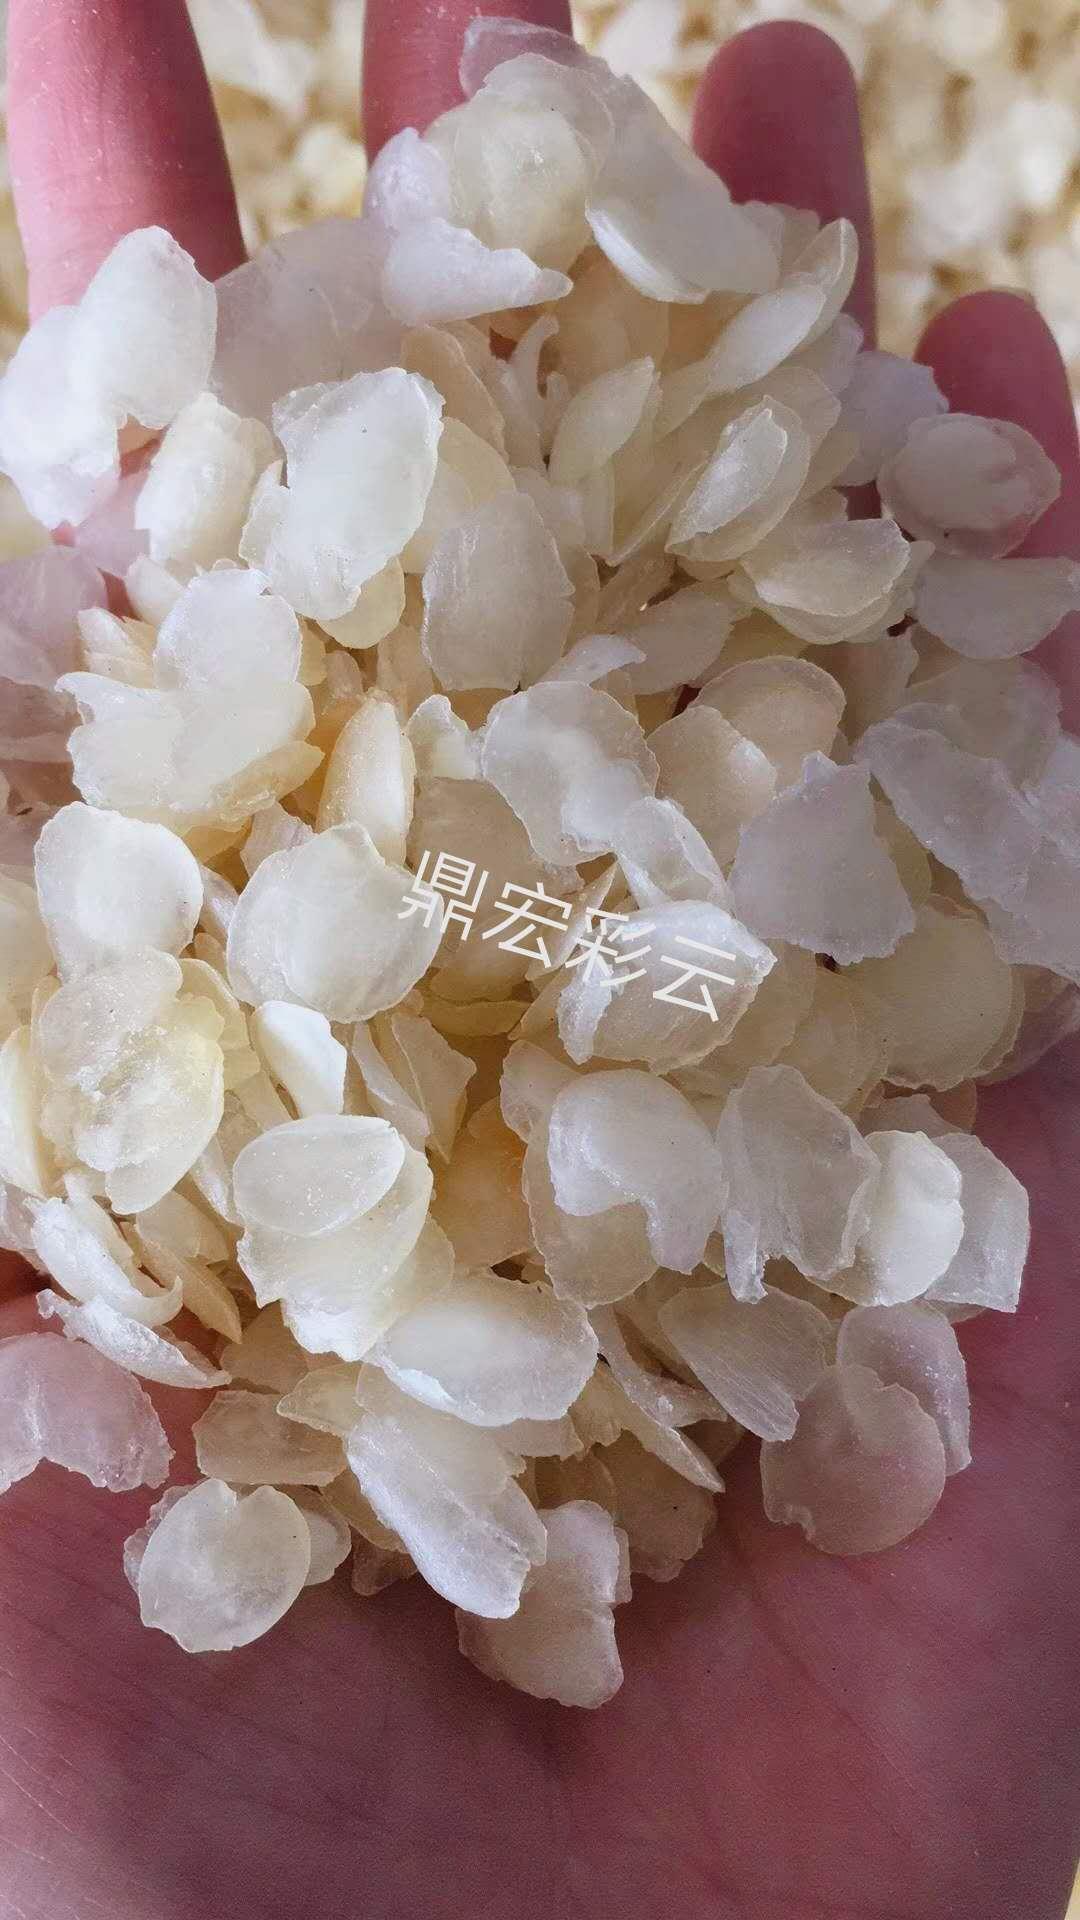 云南皂角米天然野生食用500g正品无杂质1斤,双荚可搭配雪燕桃胶(用1元券)